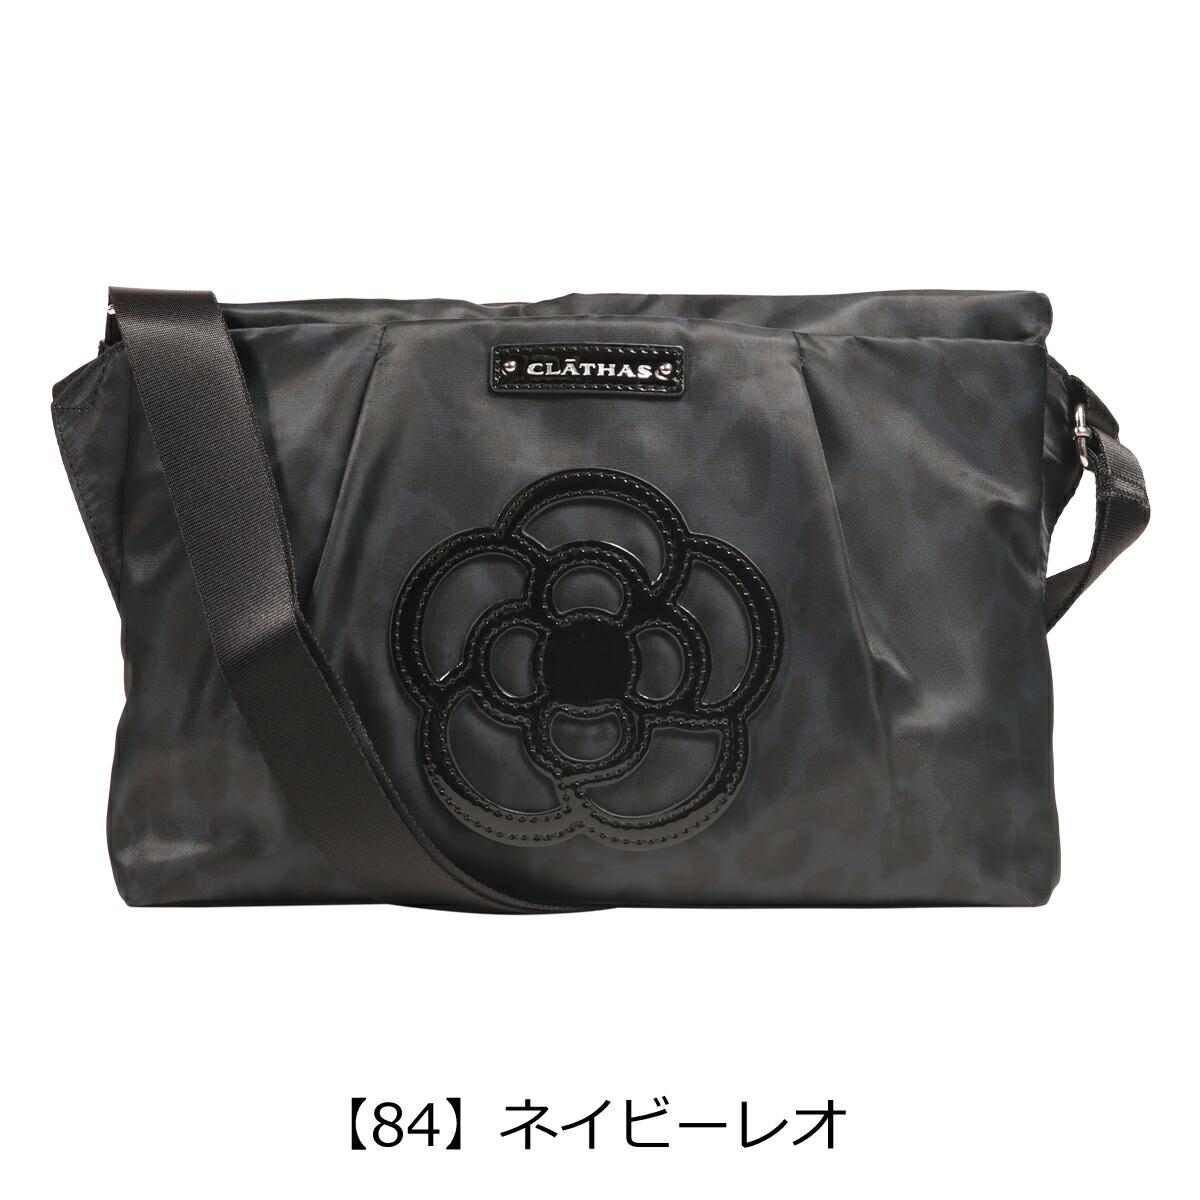 【84】ネイビーレオ